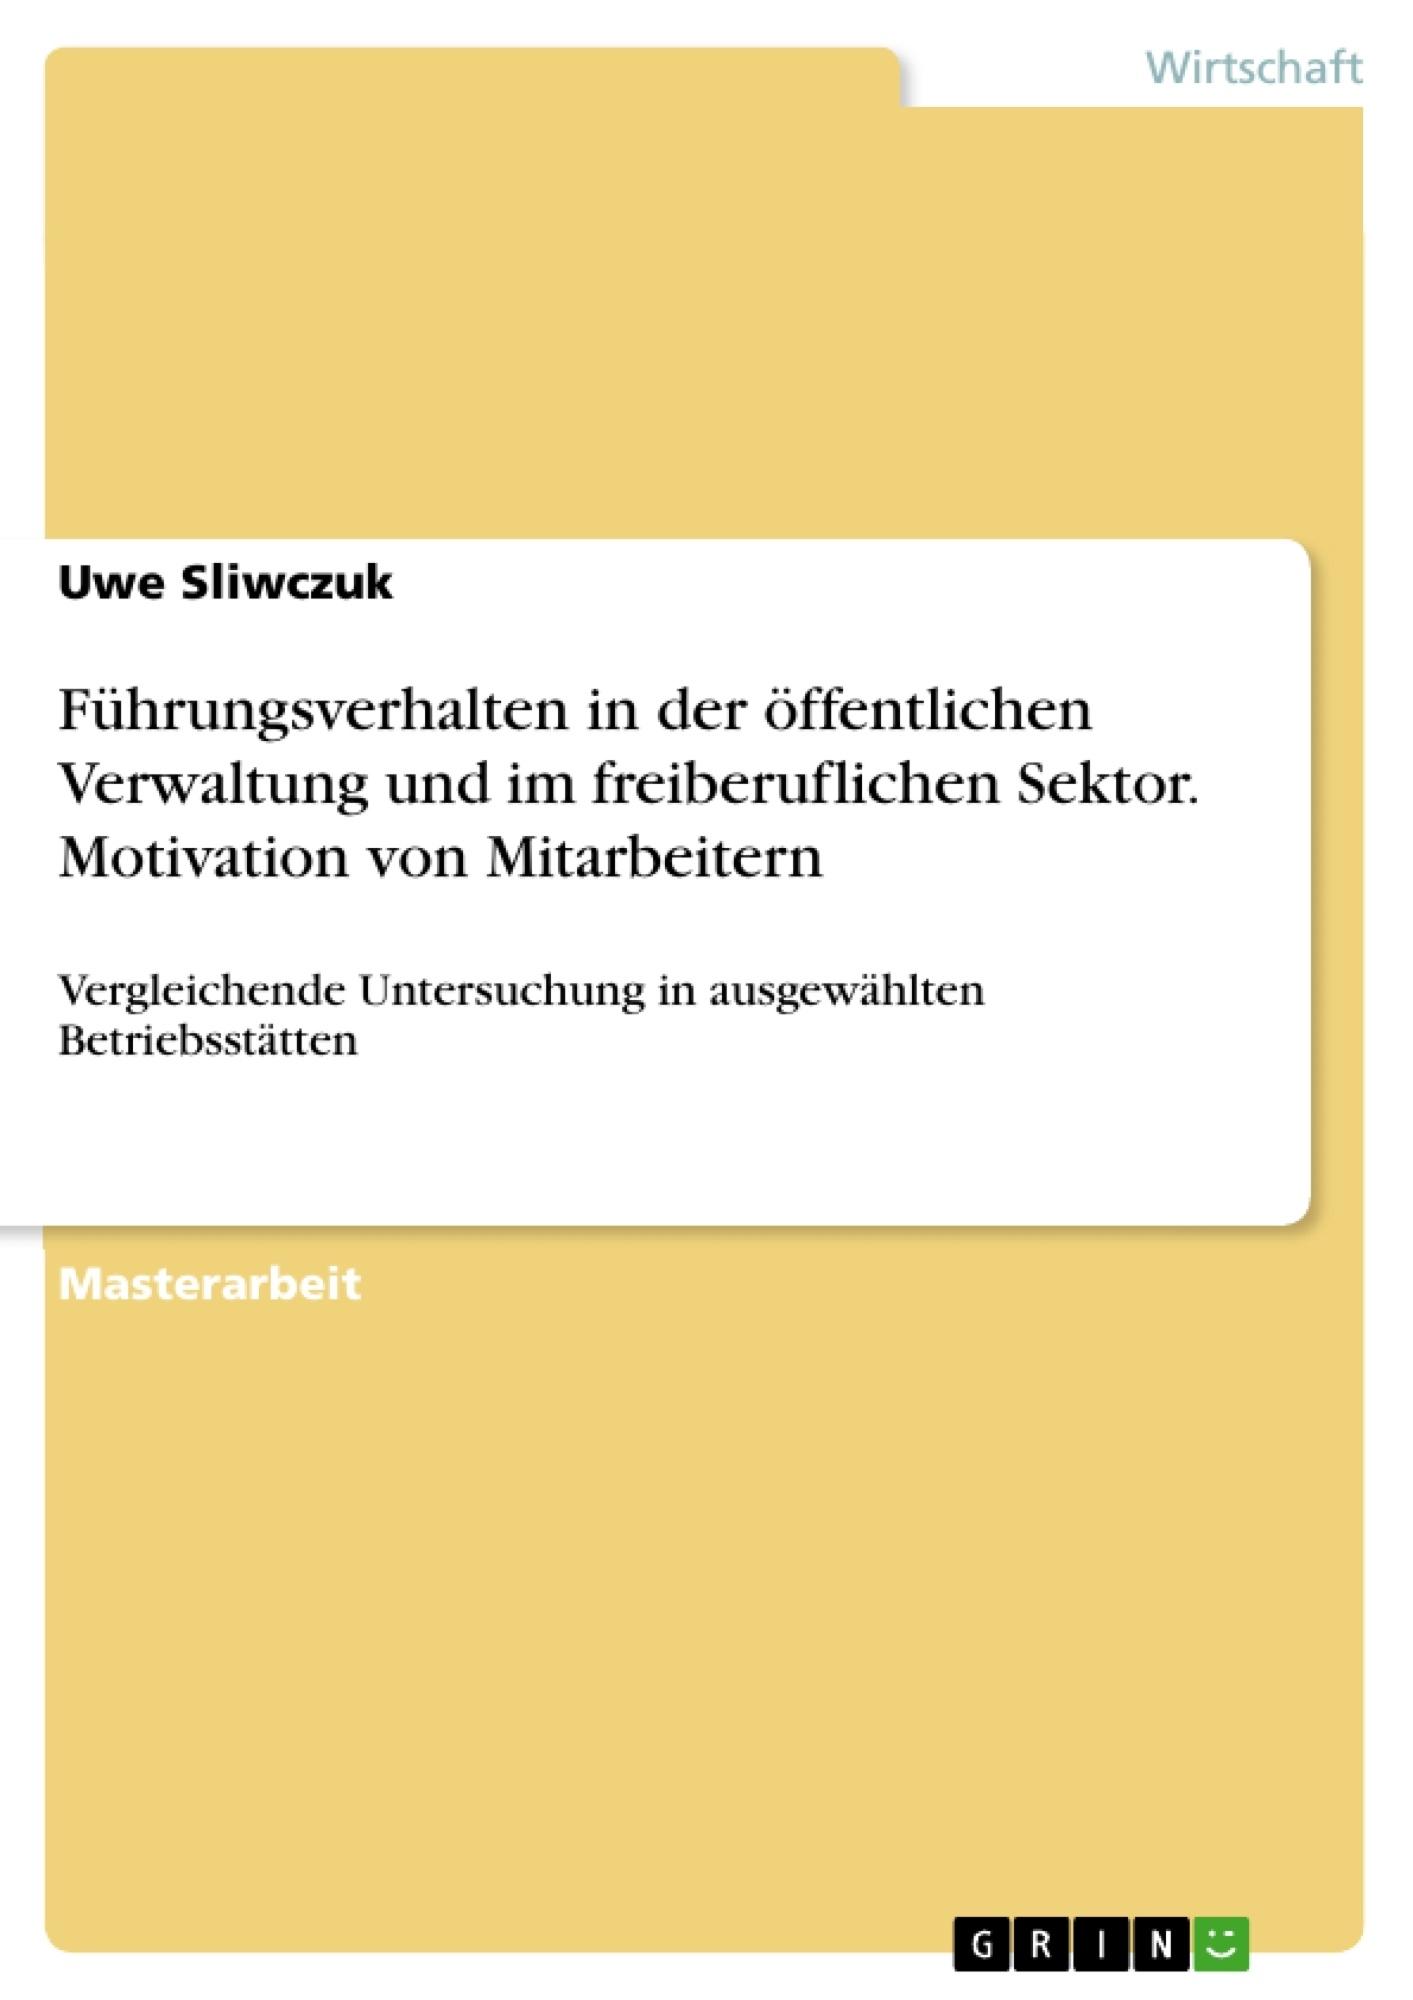 Titel: Führungsverhalten in der öffentlichen Verwaltung und im freiberuflichen Sektor. Motivation von Mitarbeitern